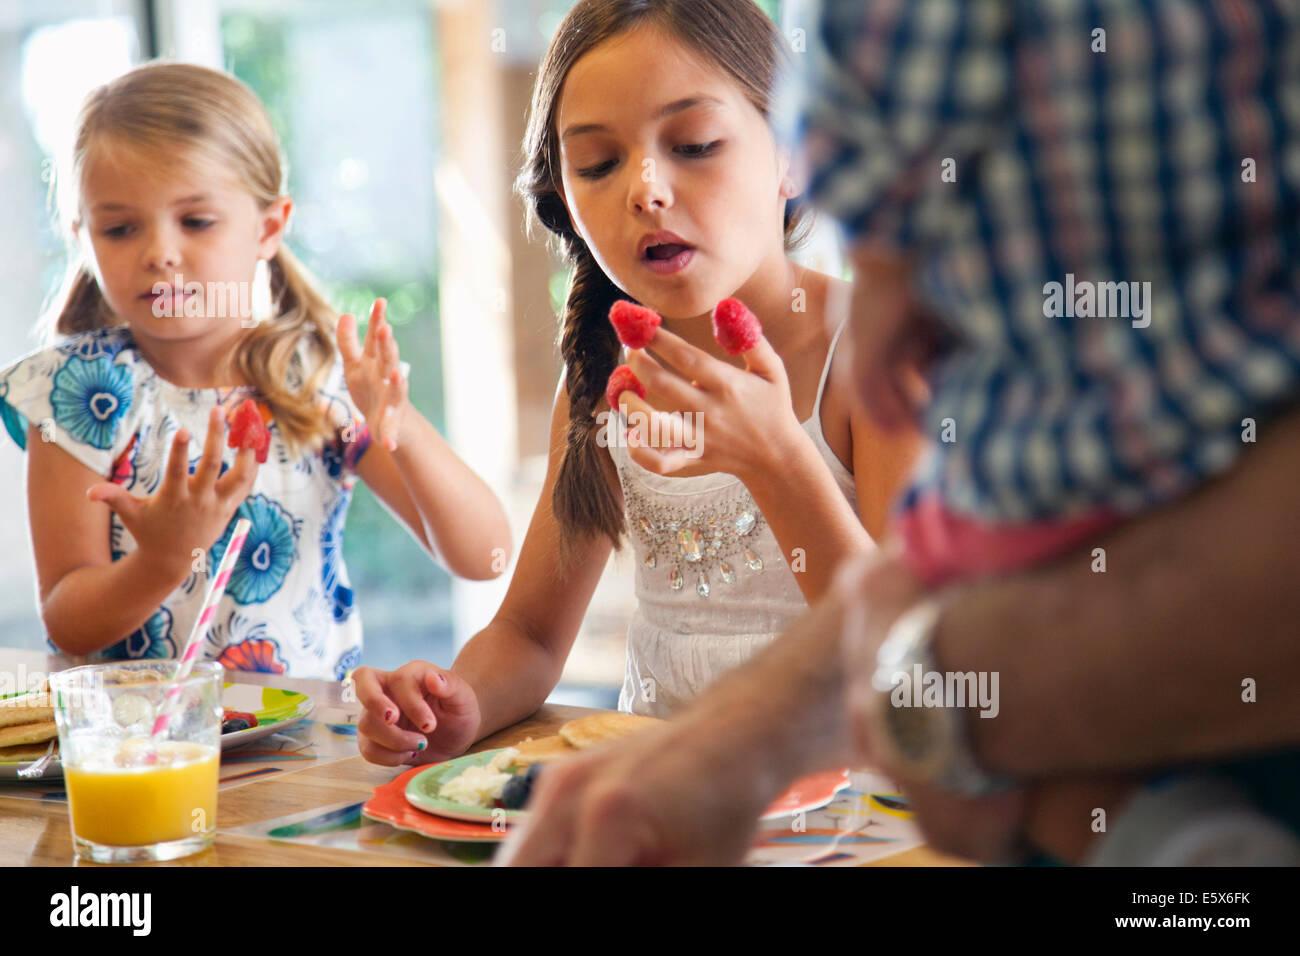 Zwei Schwestern mit Himbeeren an ihren Fingern an Küche Frühstücksbar Stockbild